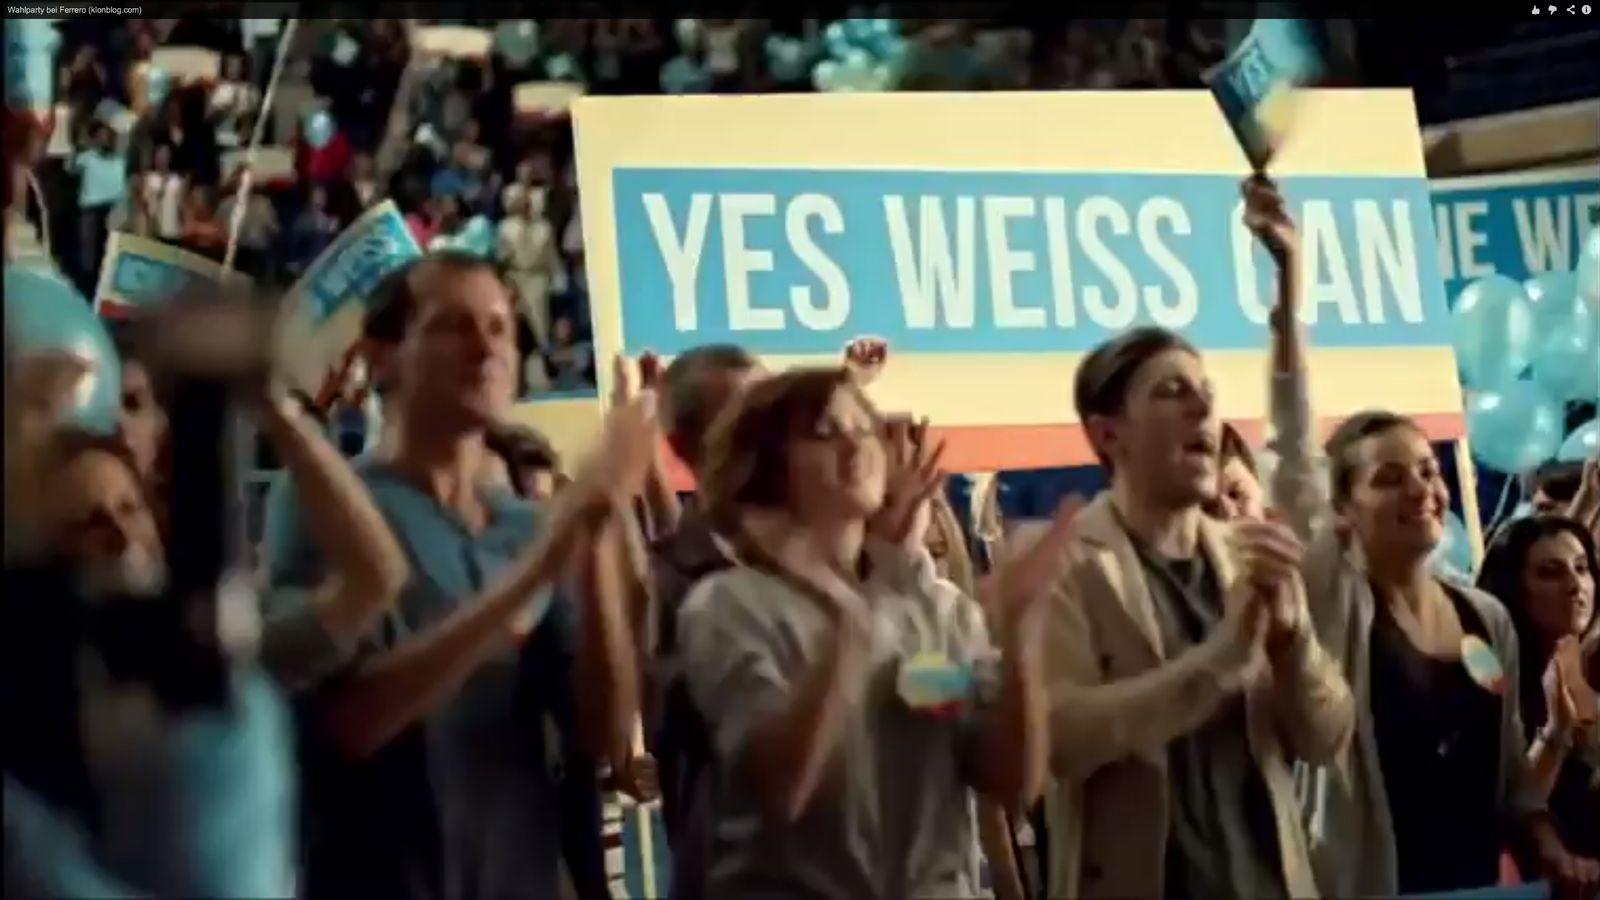 NUR ALS ZITAT Screenshot Ferrero / yes weiss can